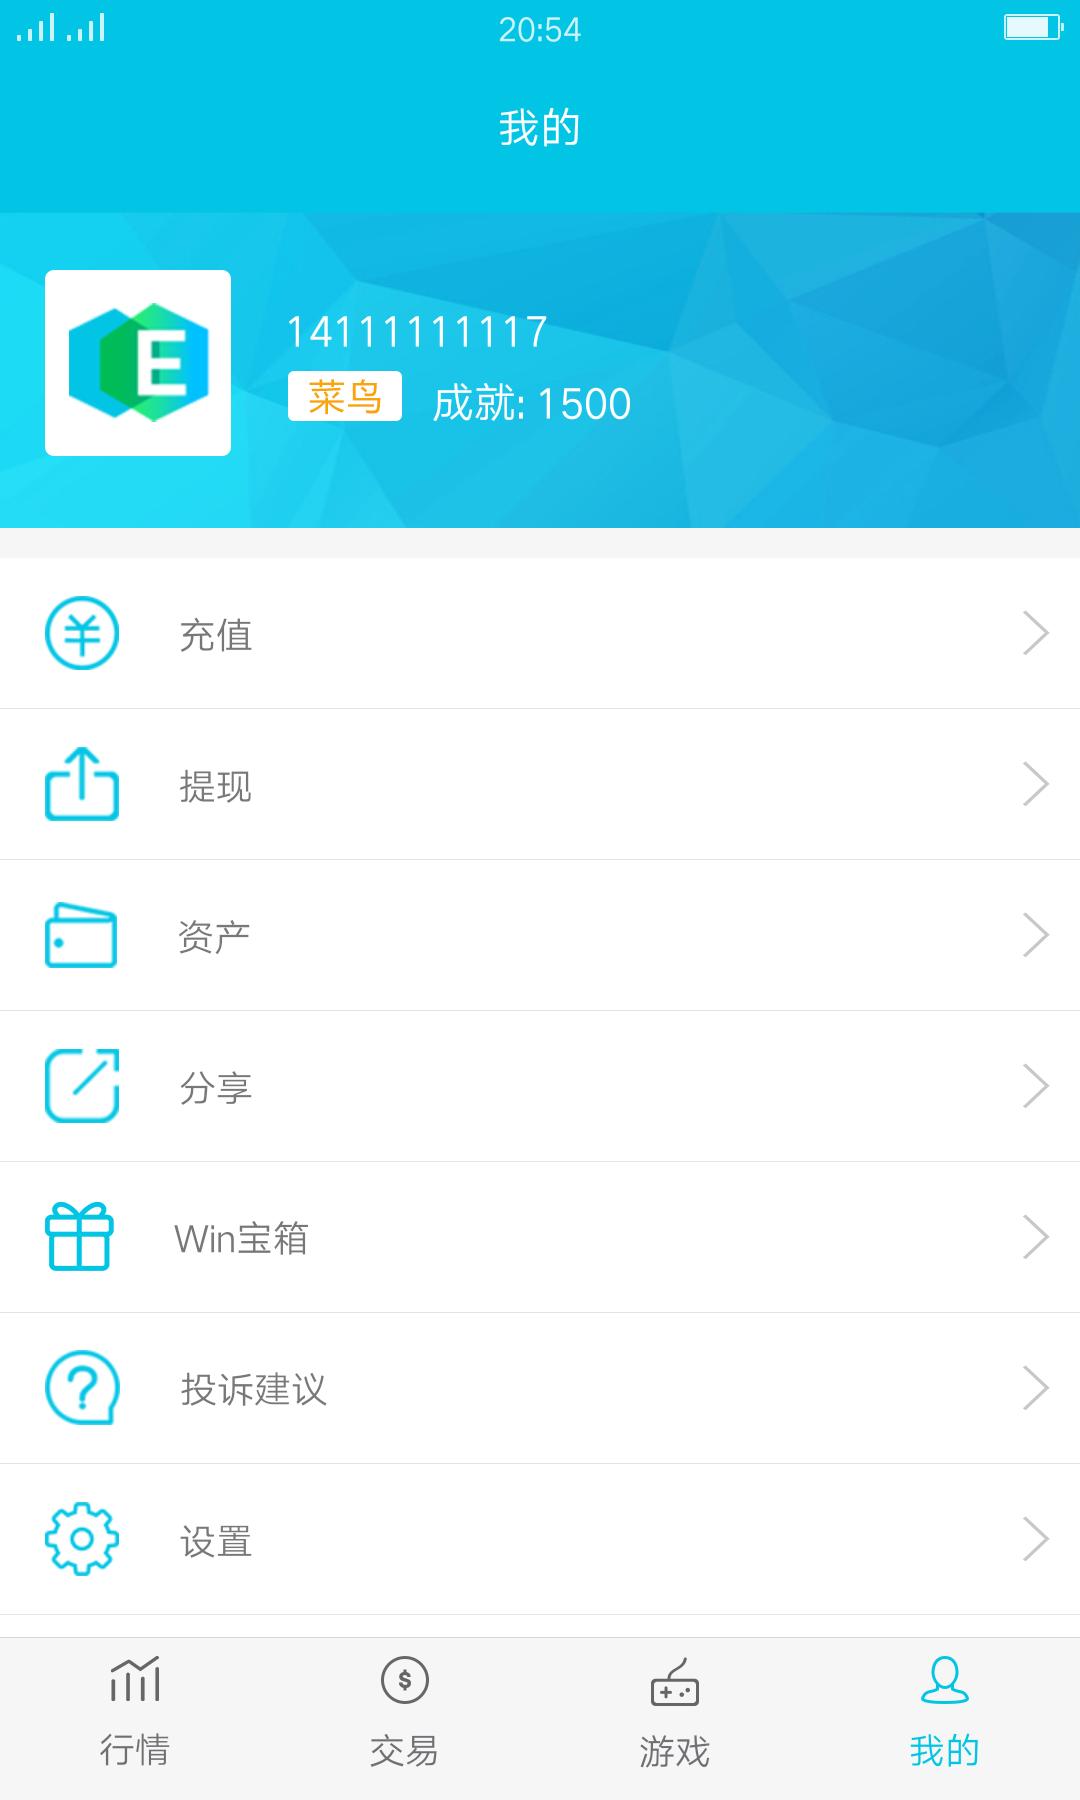 赢币网国际交易平台注册app下载地址图3: